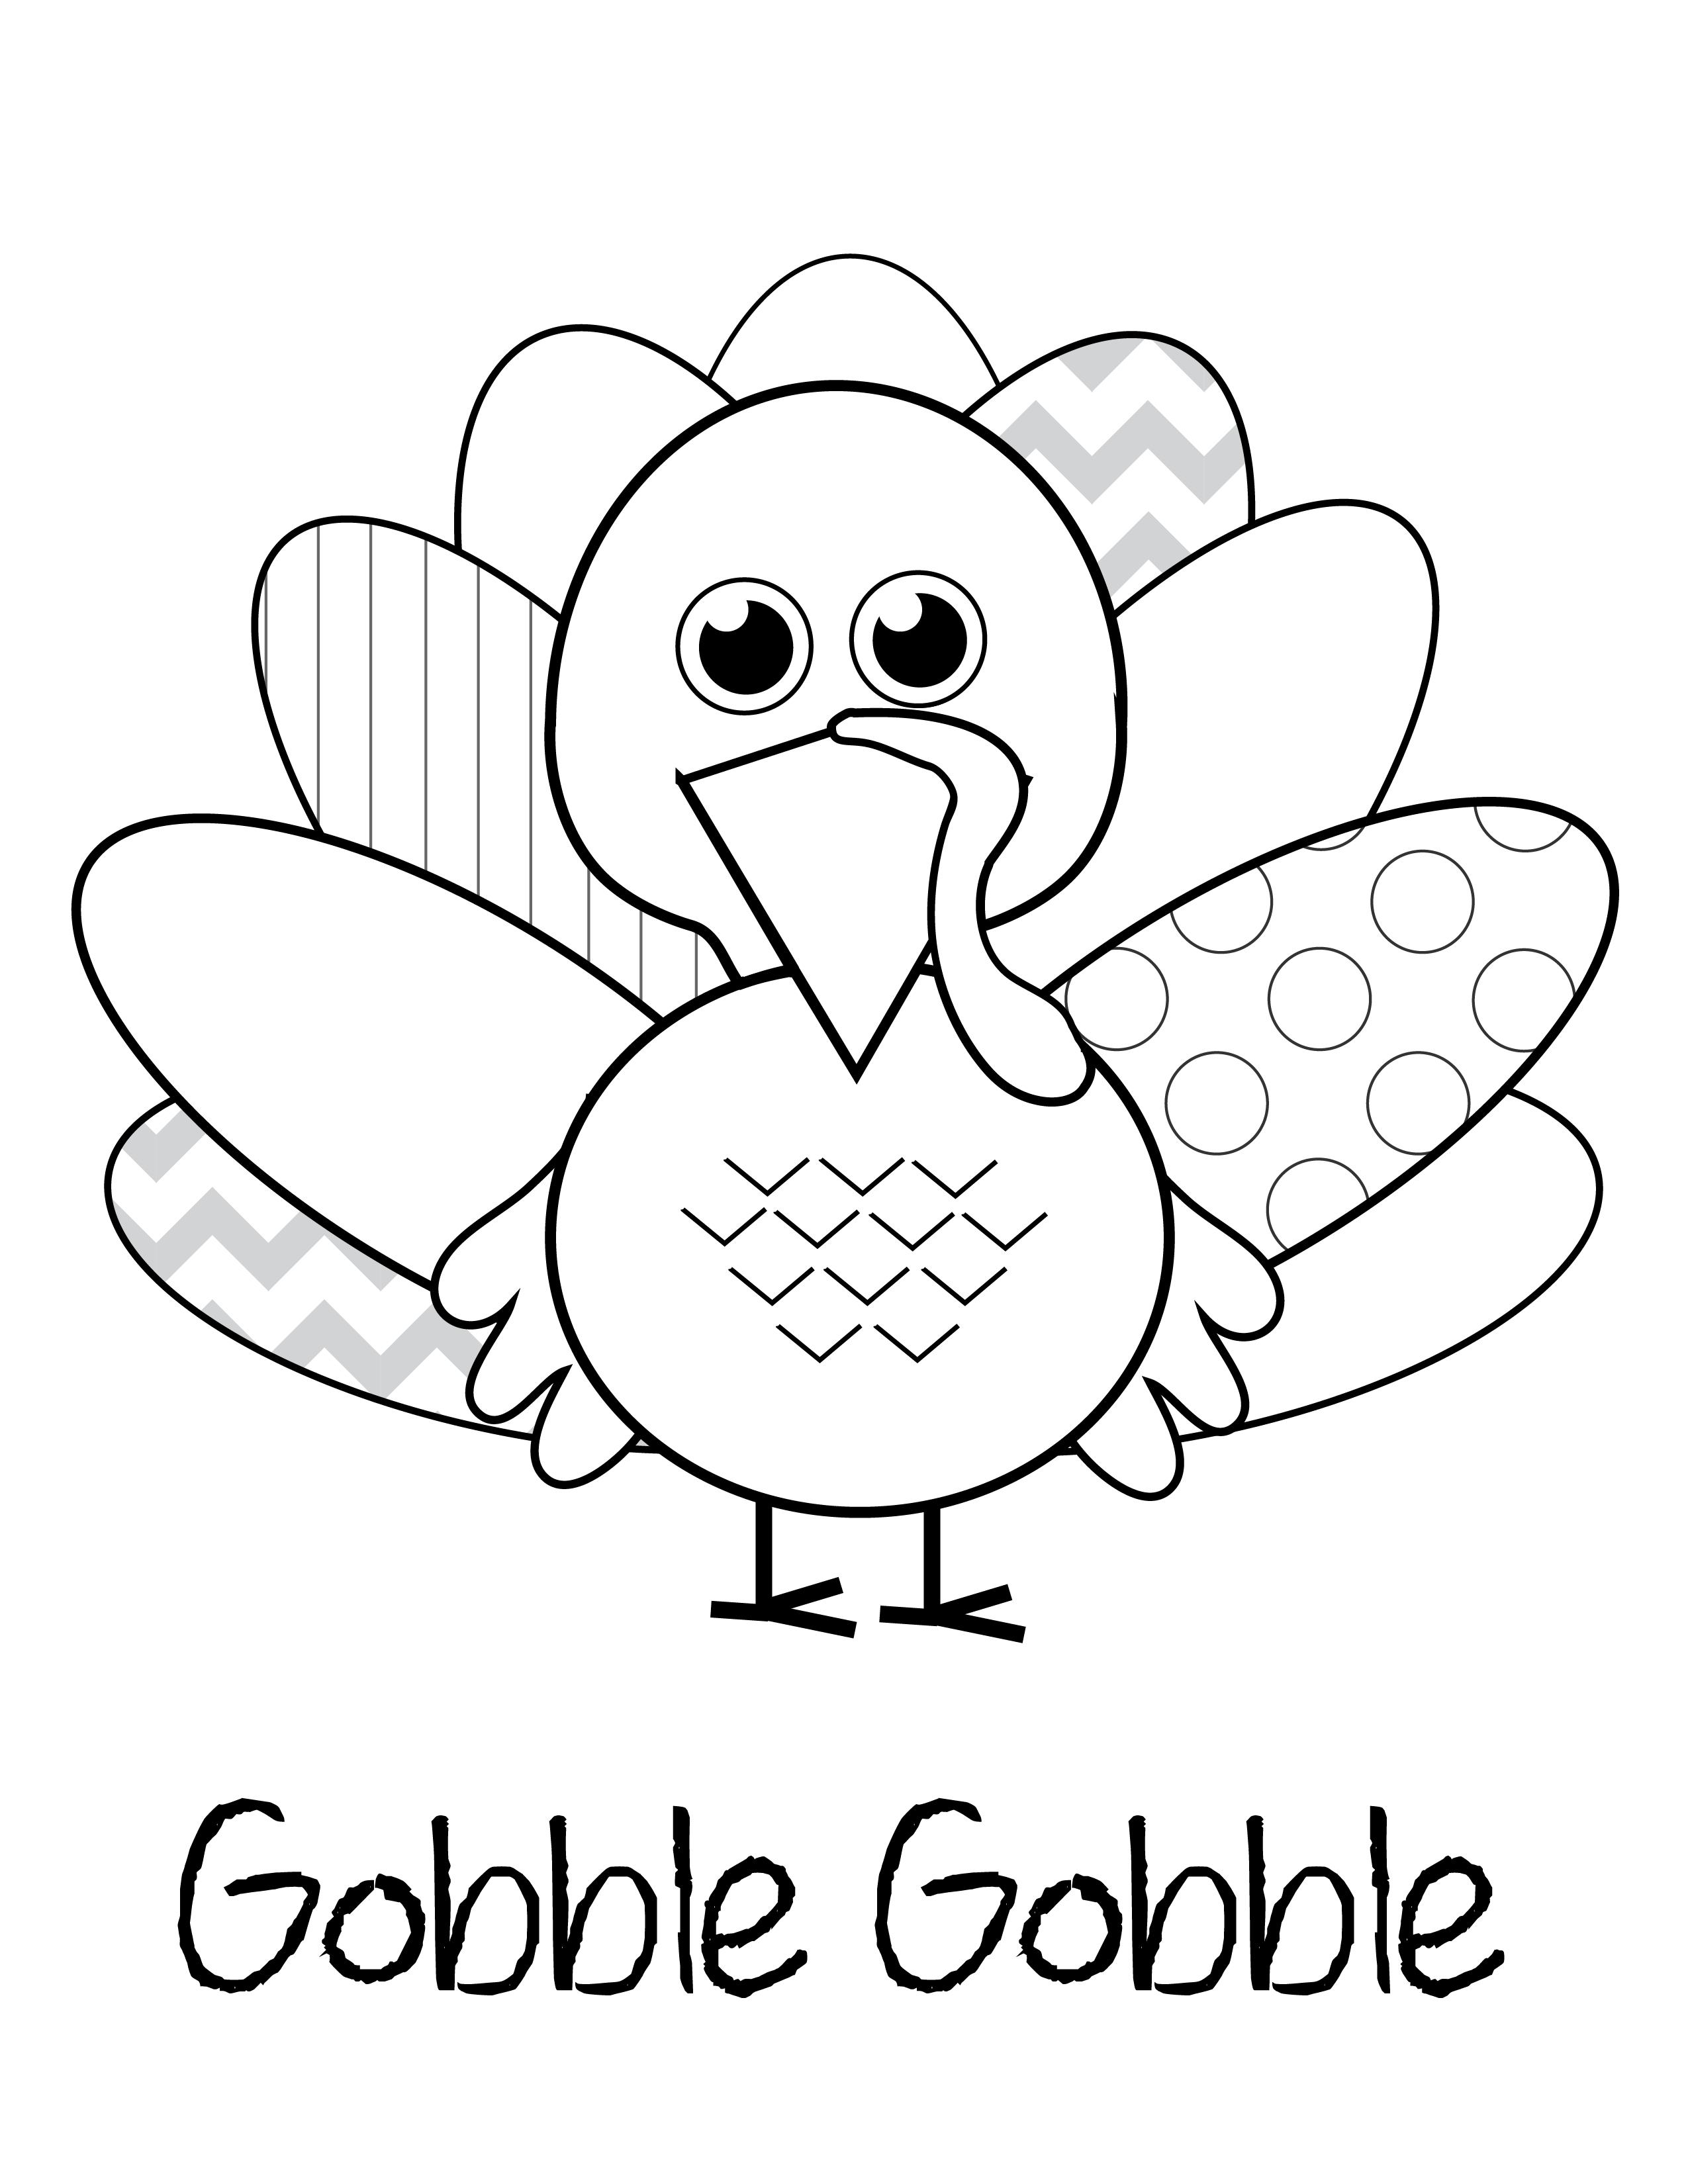 Free Thanksgiving Printables   Kids Thanksgiving Ideas - Free Printable Thanksgiving Coloring Pages